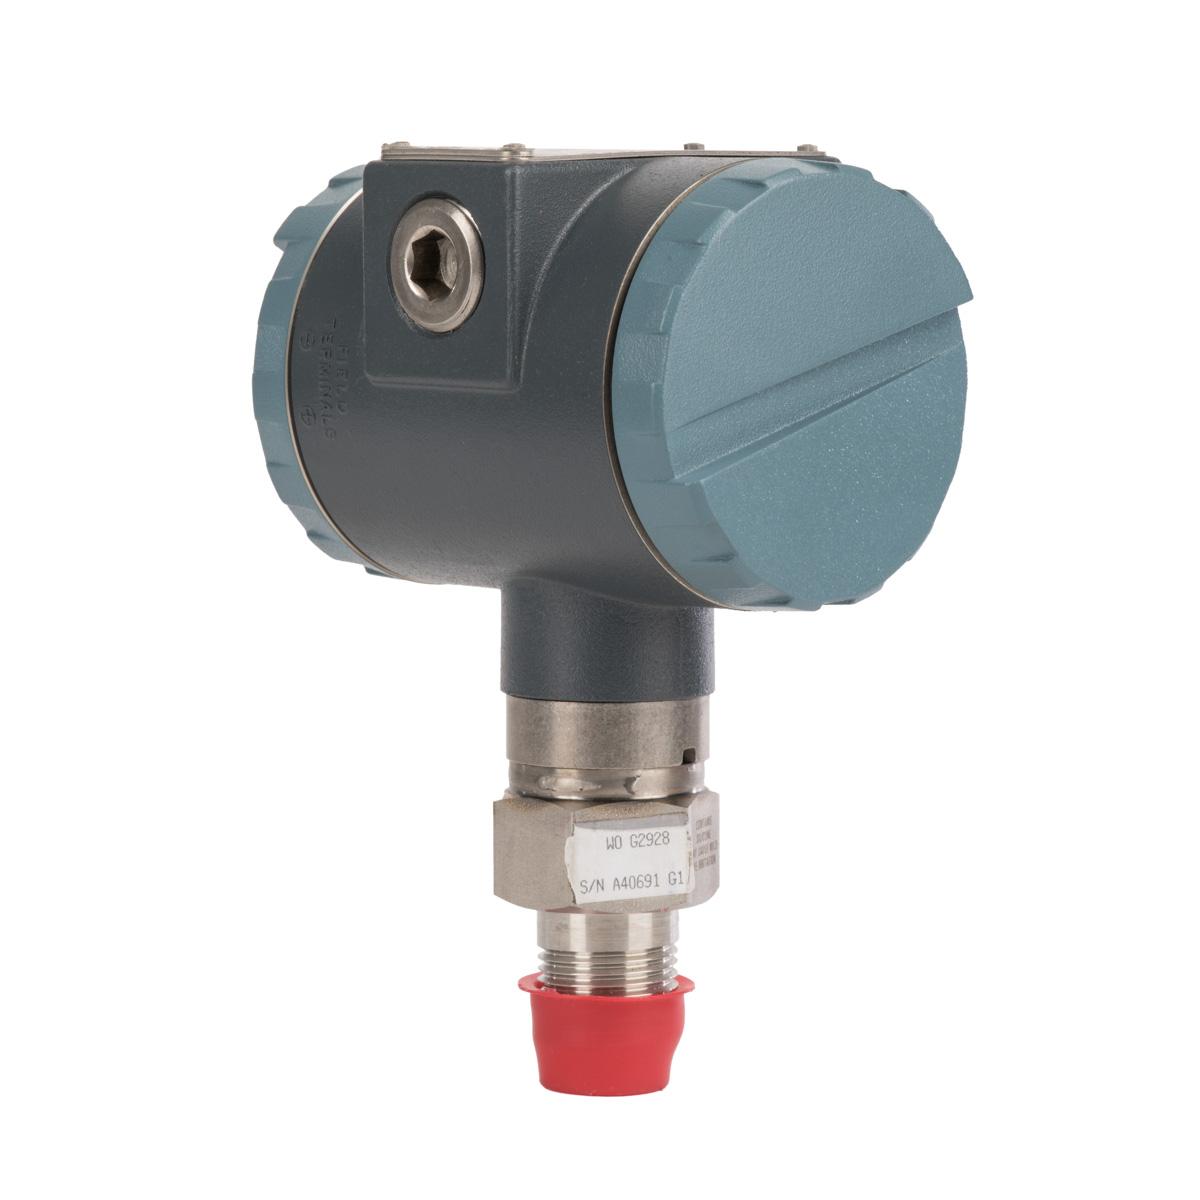 Foxboro 841G Series Electronic Gauge Pressure Transmitter